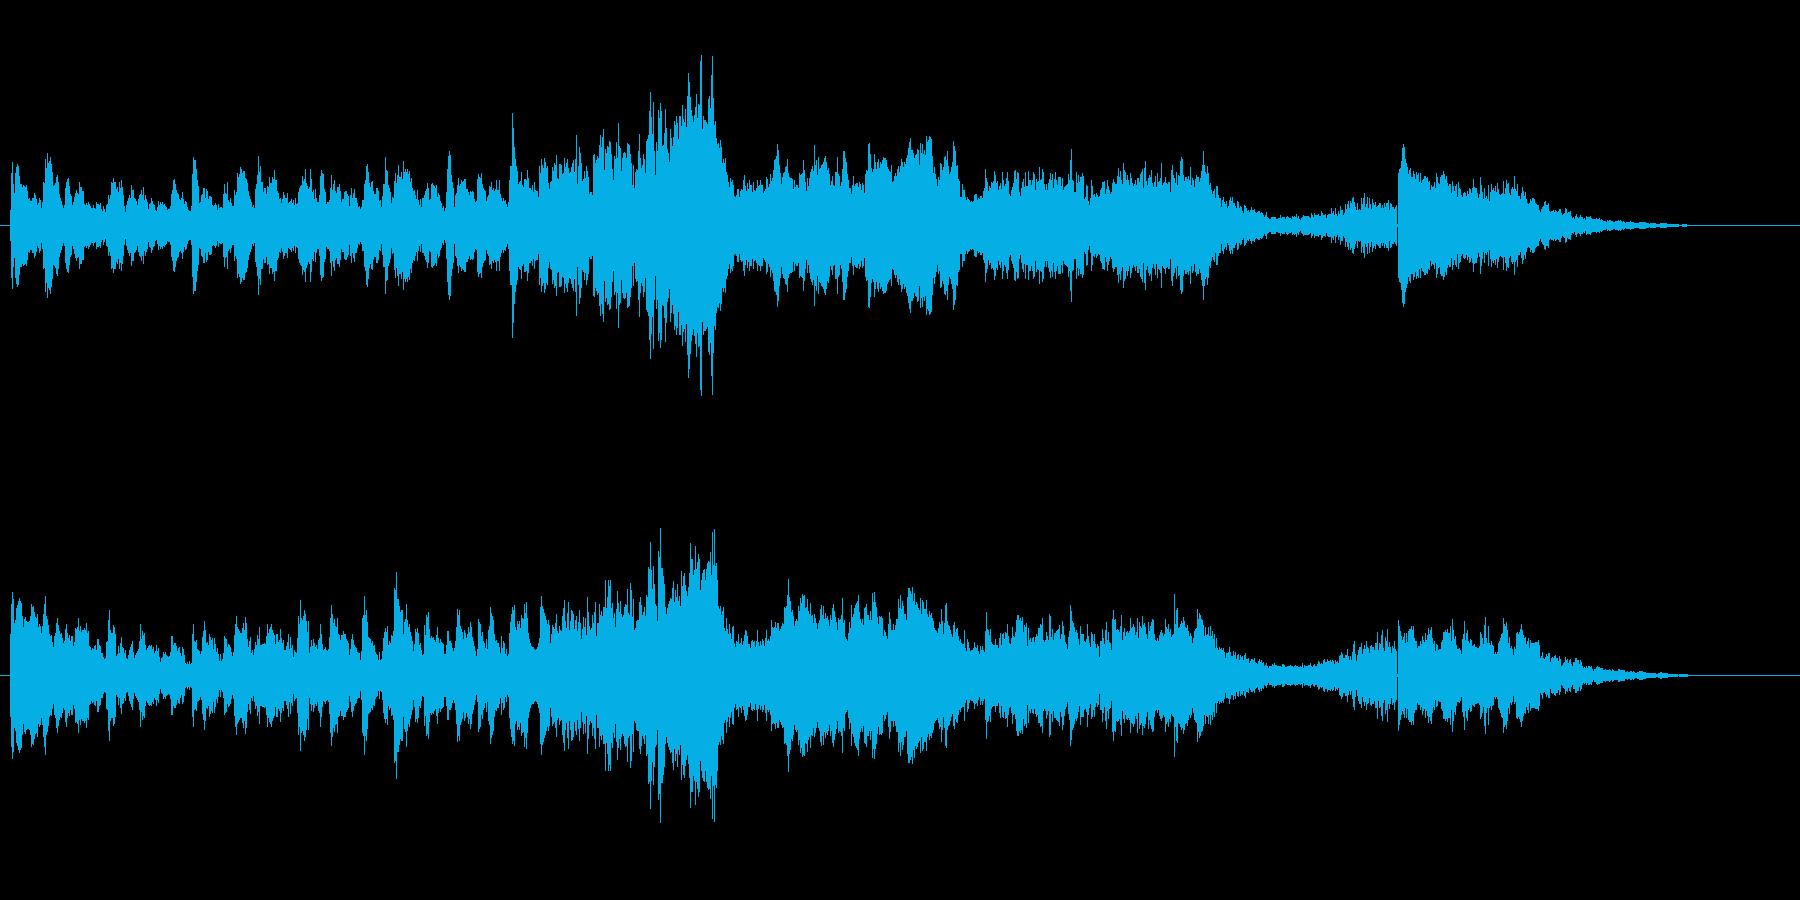 ストリングが特徴的な楽曲の再生済みの波形